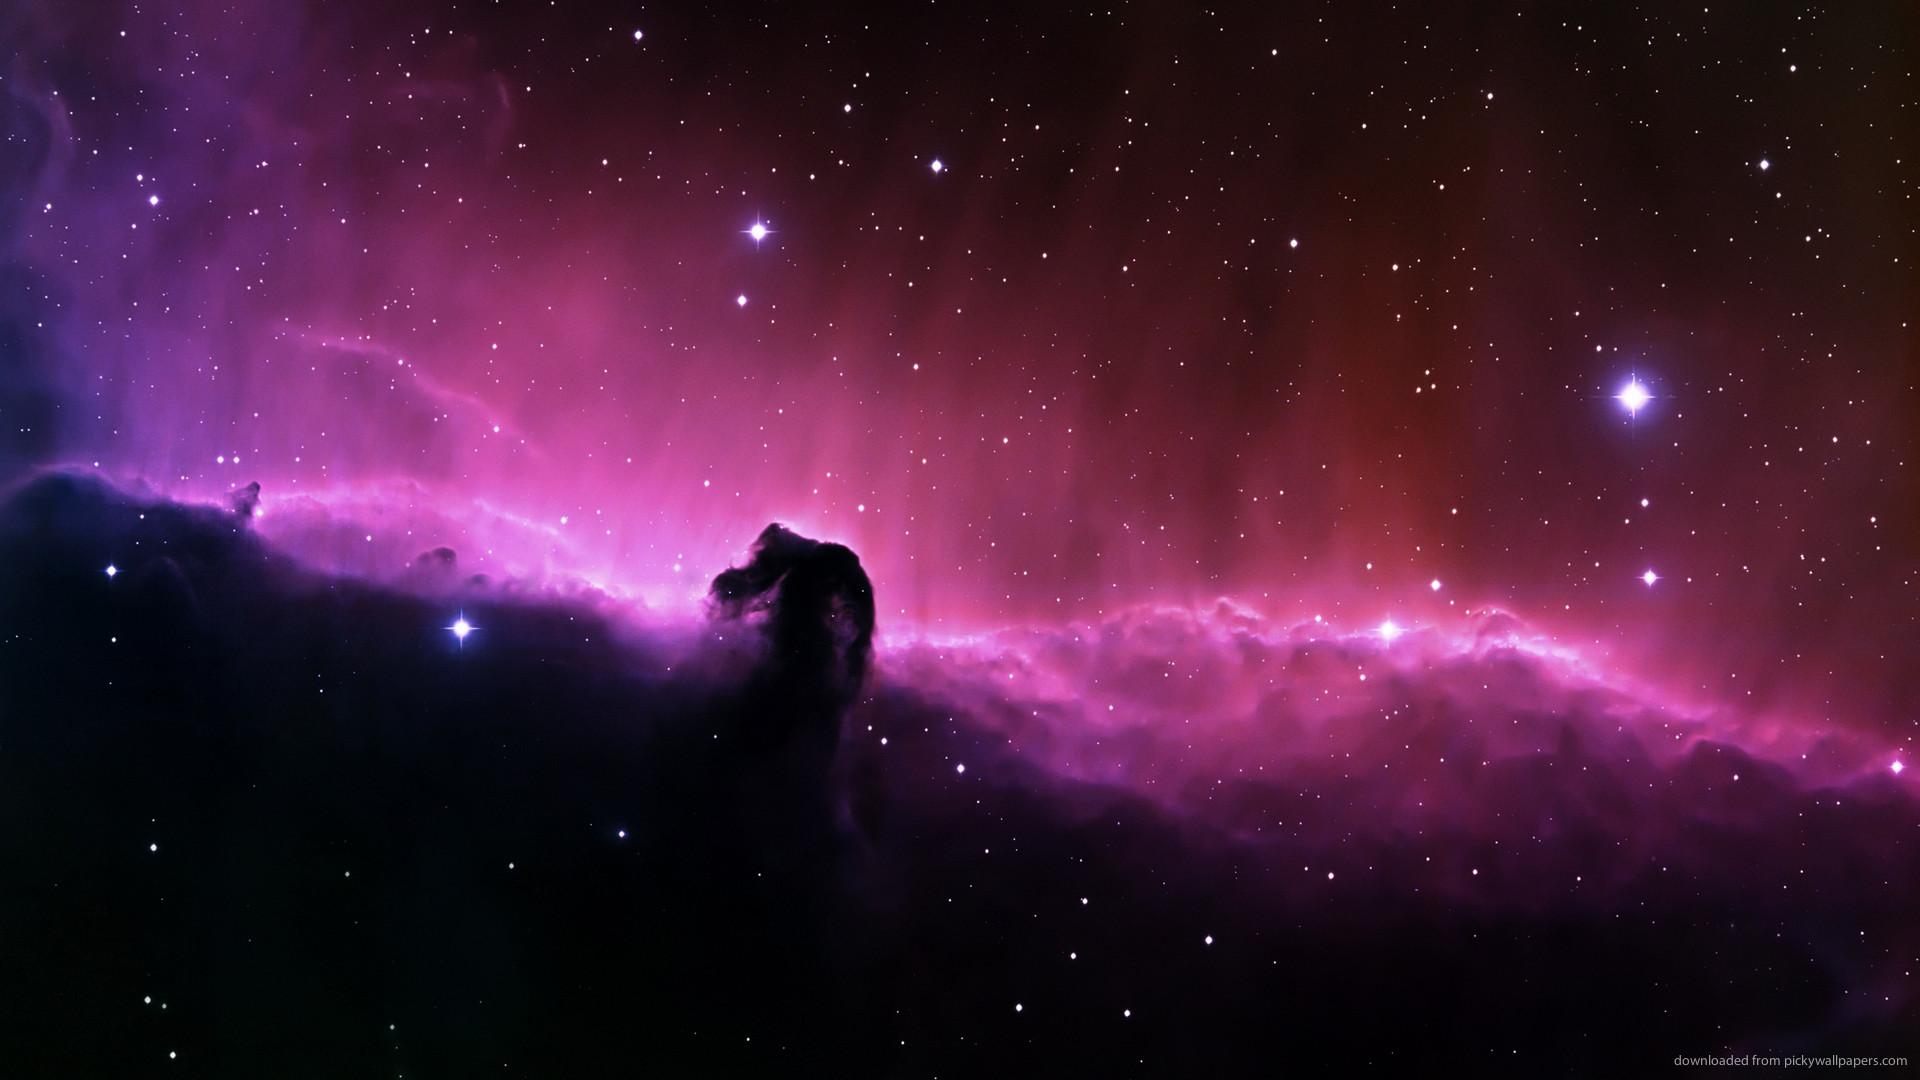 HD Purple Space Landscape wallpaper